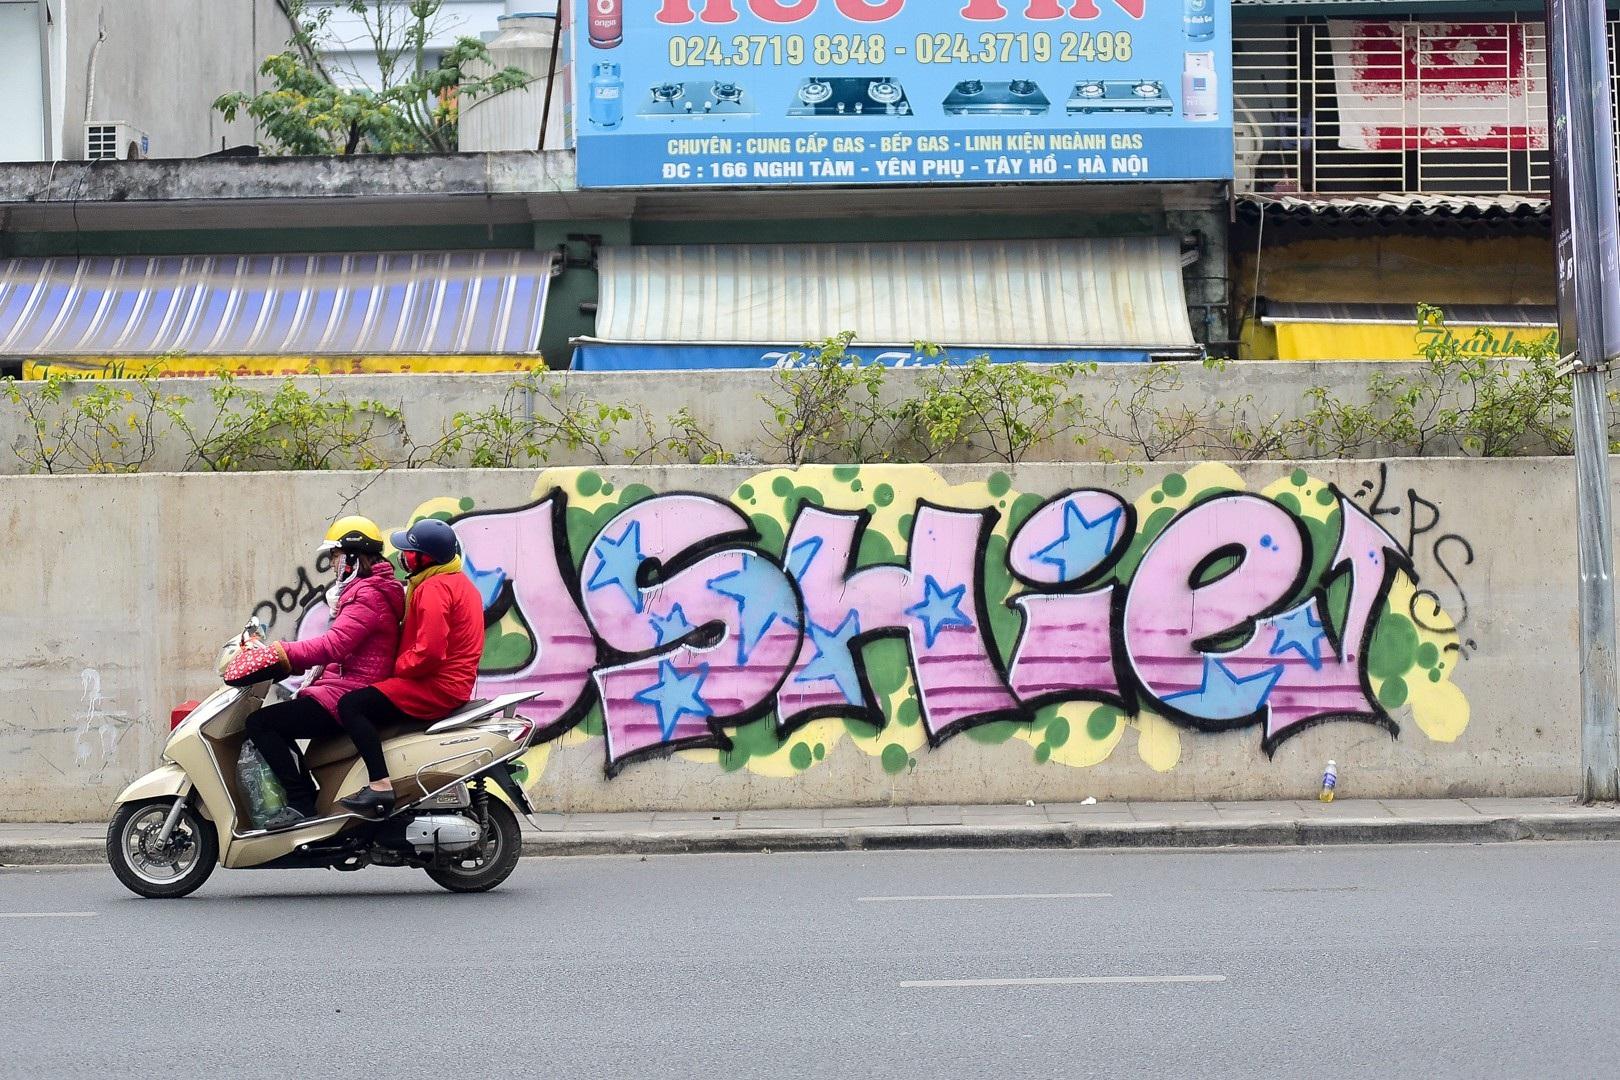 Vẽ graffiti kín tuyến đường tiền tỷ mới mở rộng ở Hà Nội - Ảnh 6.